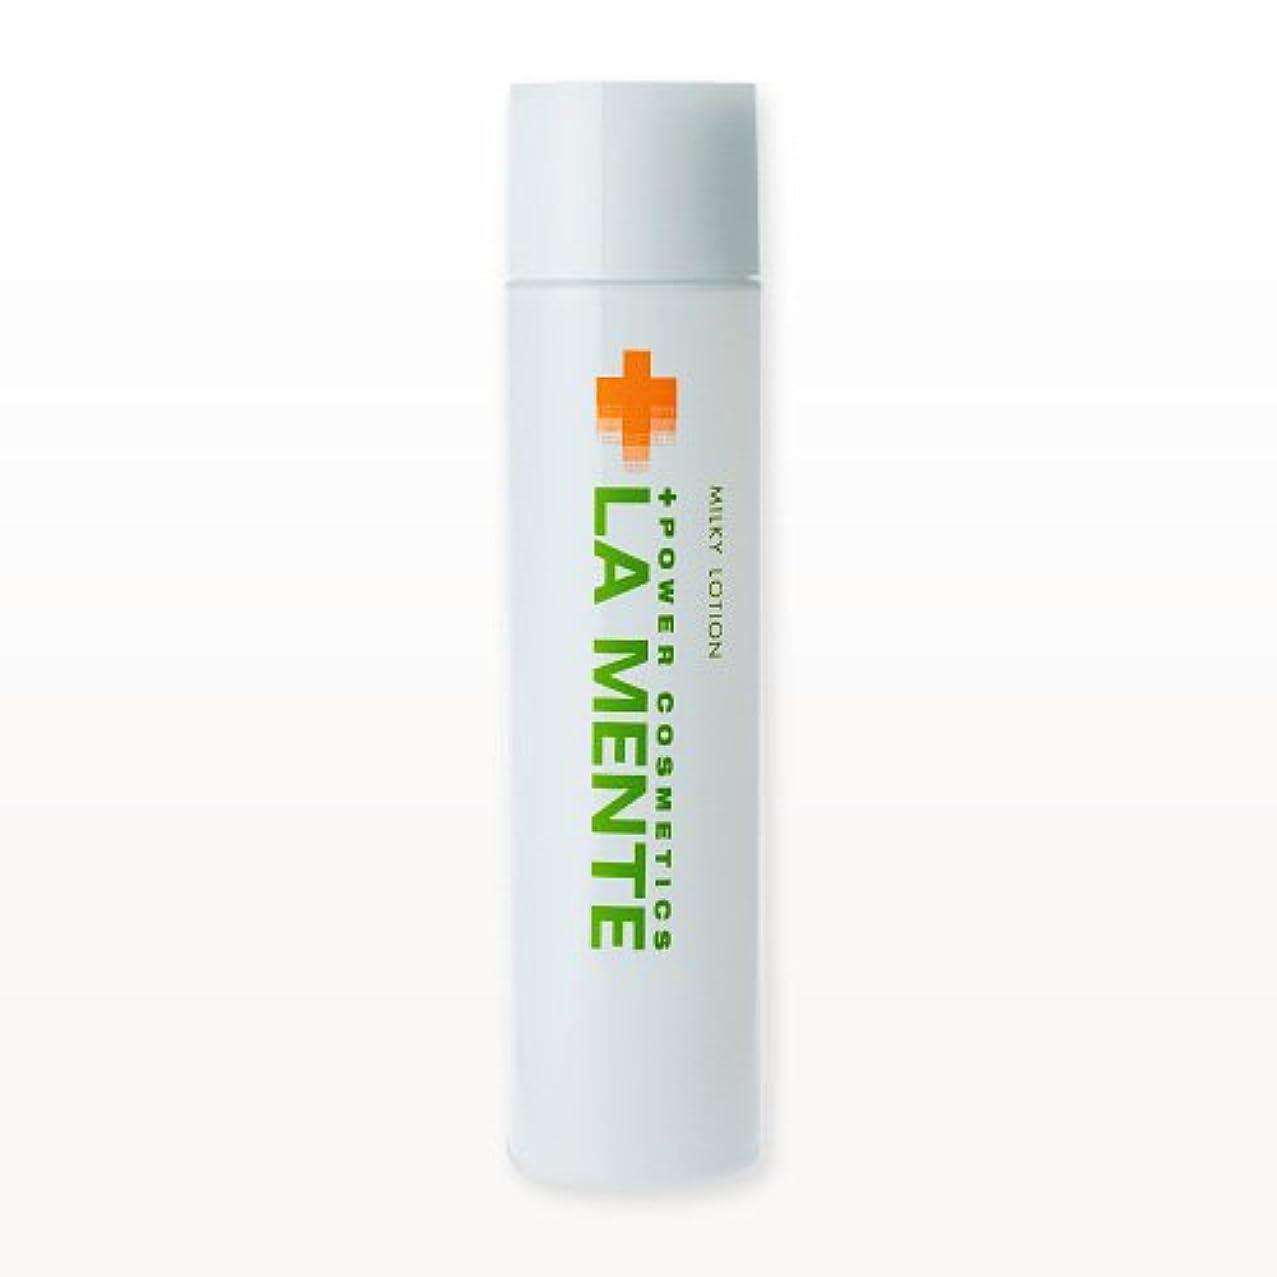 コンパイルインディカクラブラメンテ(LA MENTE) 薬用 ミルキィローション 150mL 美白&保湿ローション